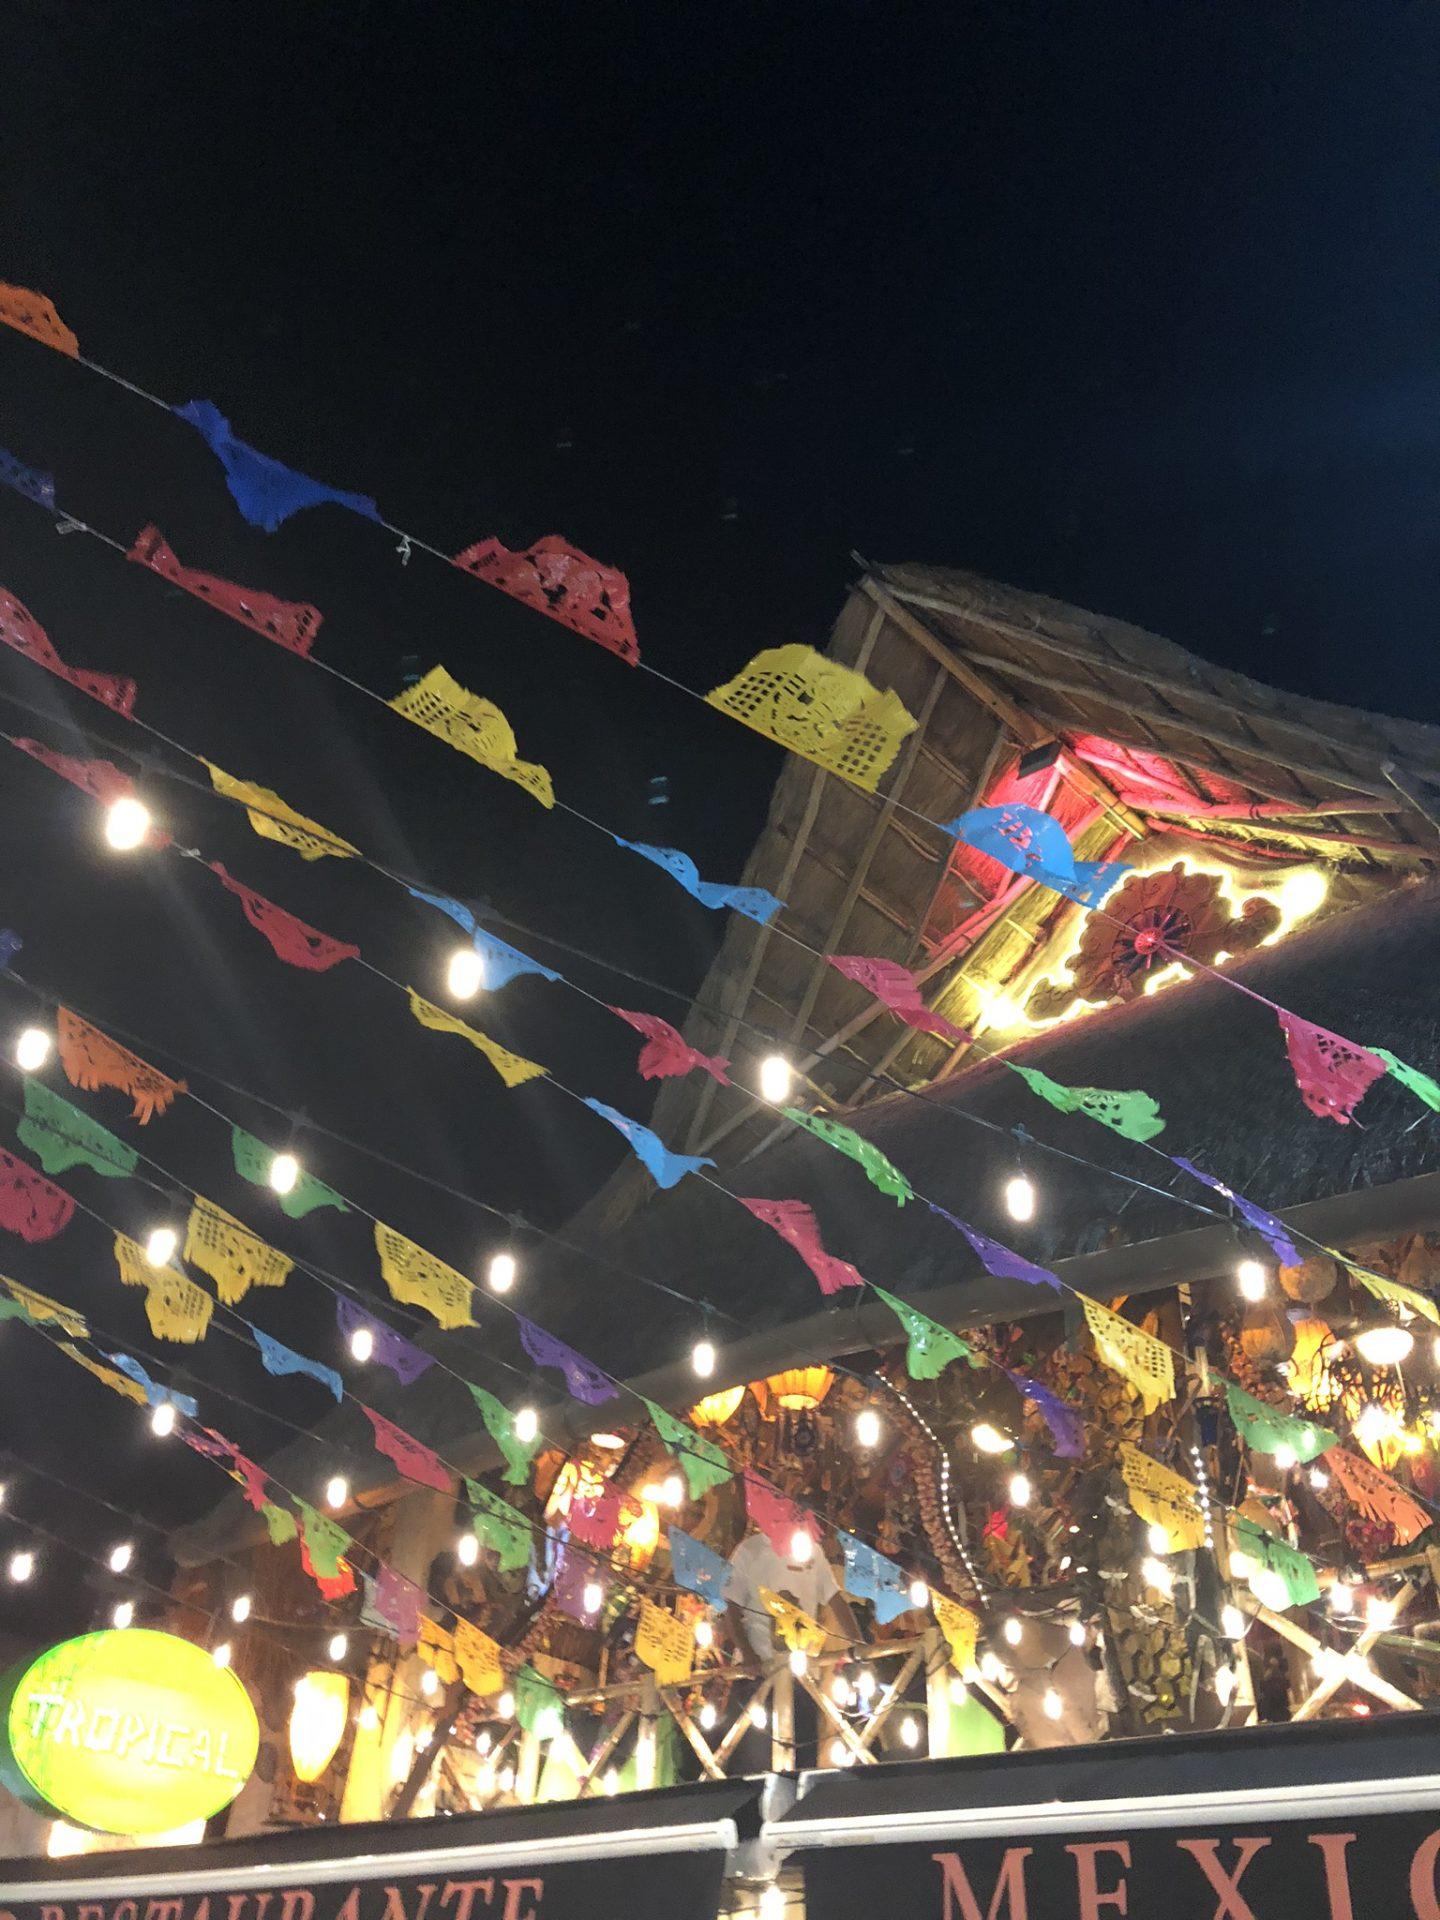 Mexican decorations in Playa del Carmen, Riviera Maya